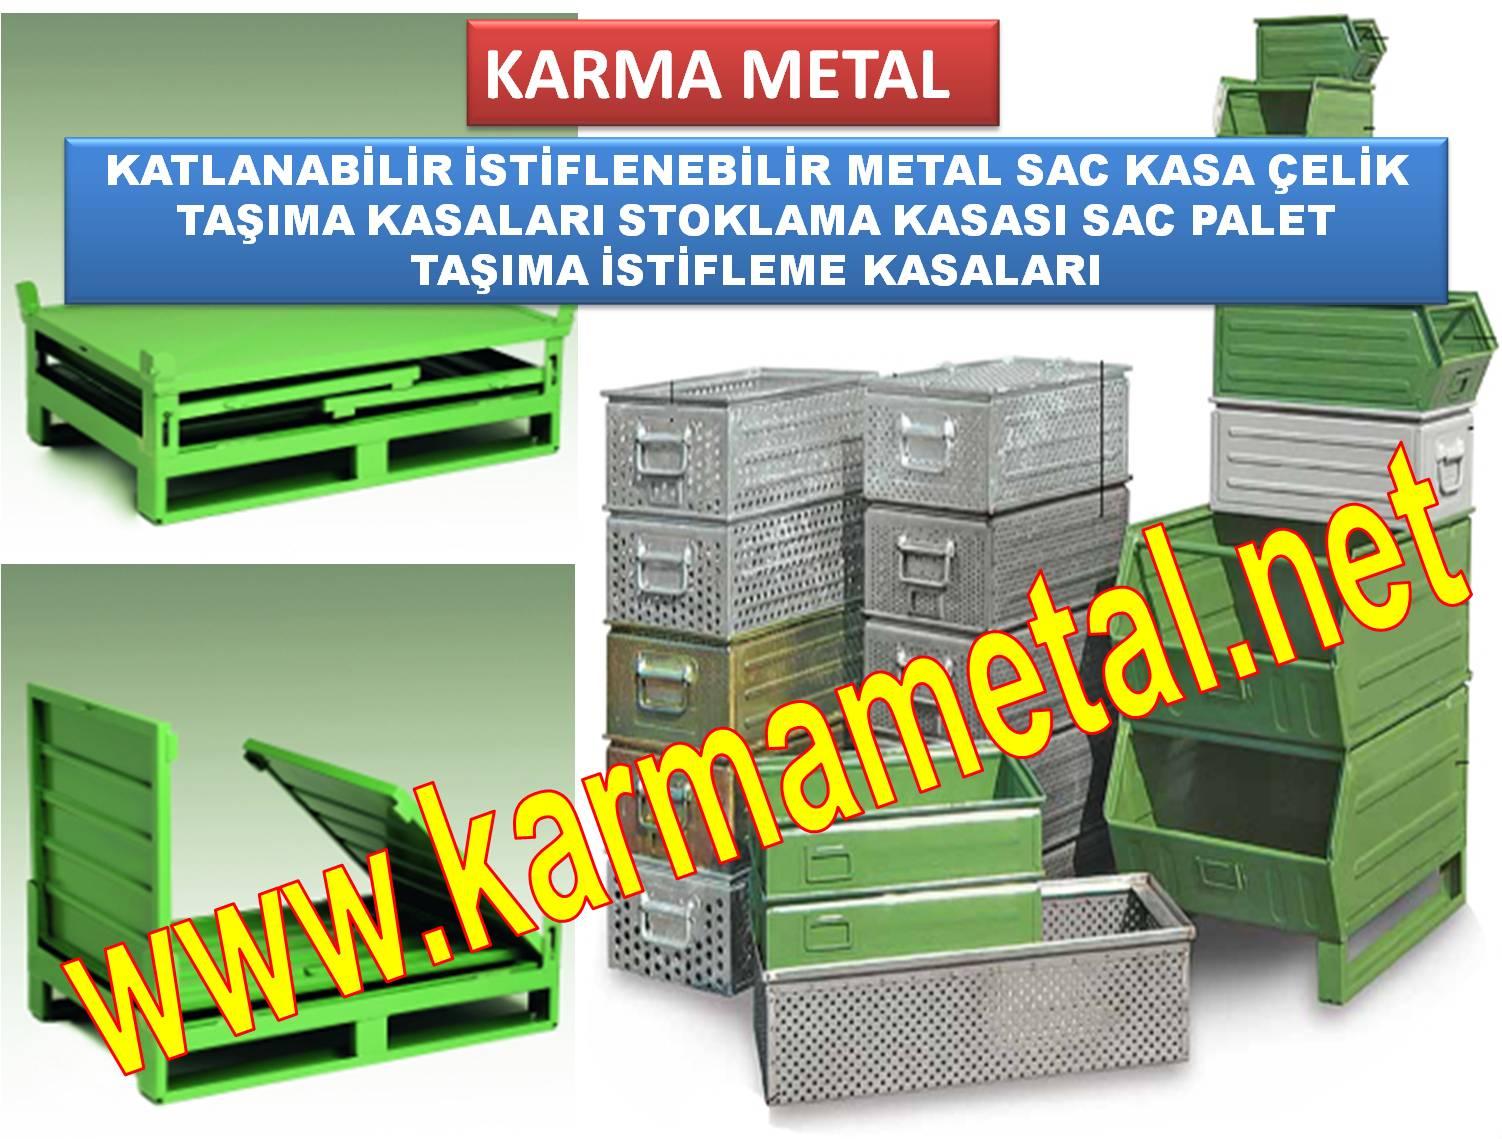 metal tasima ve sevkiyat kasasi kasalari sandik palet fiyati (3)